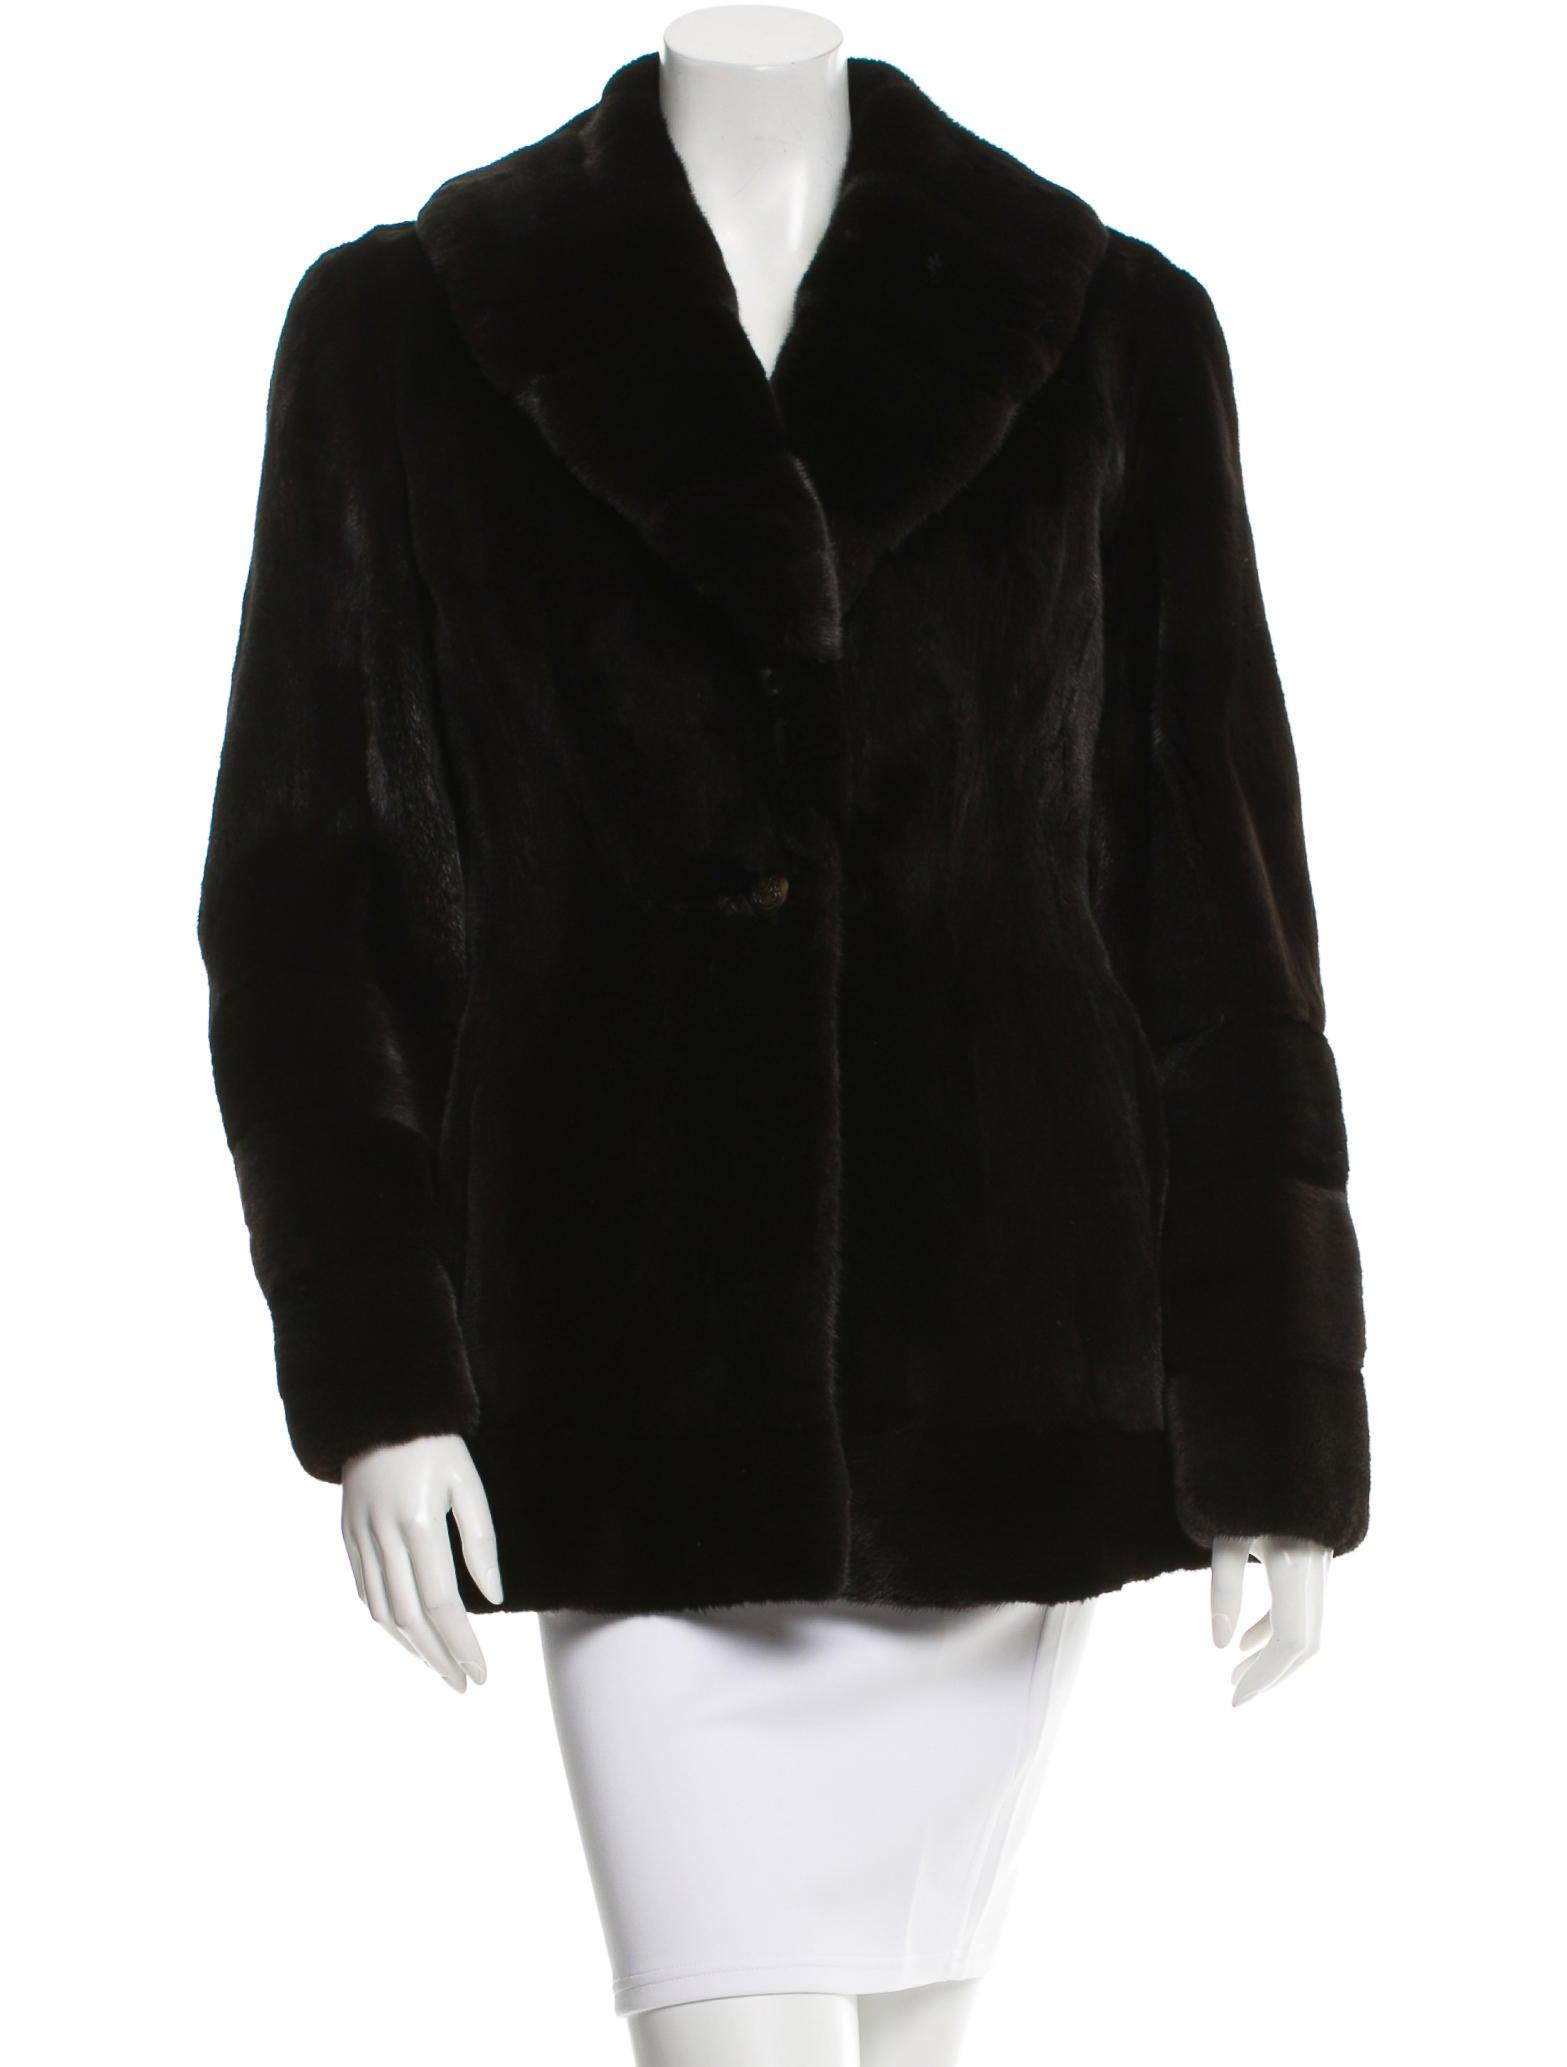 neiman marcus mink v neck jacket clothing nemrc20105. Black Bedroom Furniture Sets. Home Design Ideas